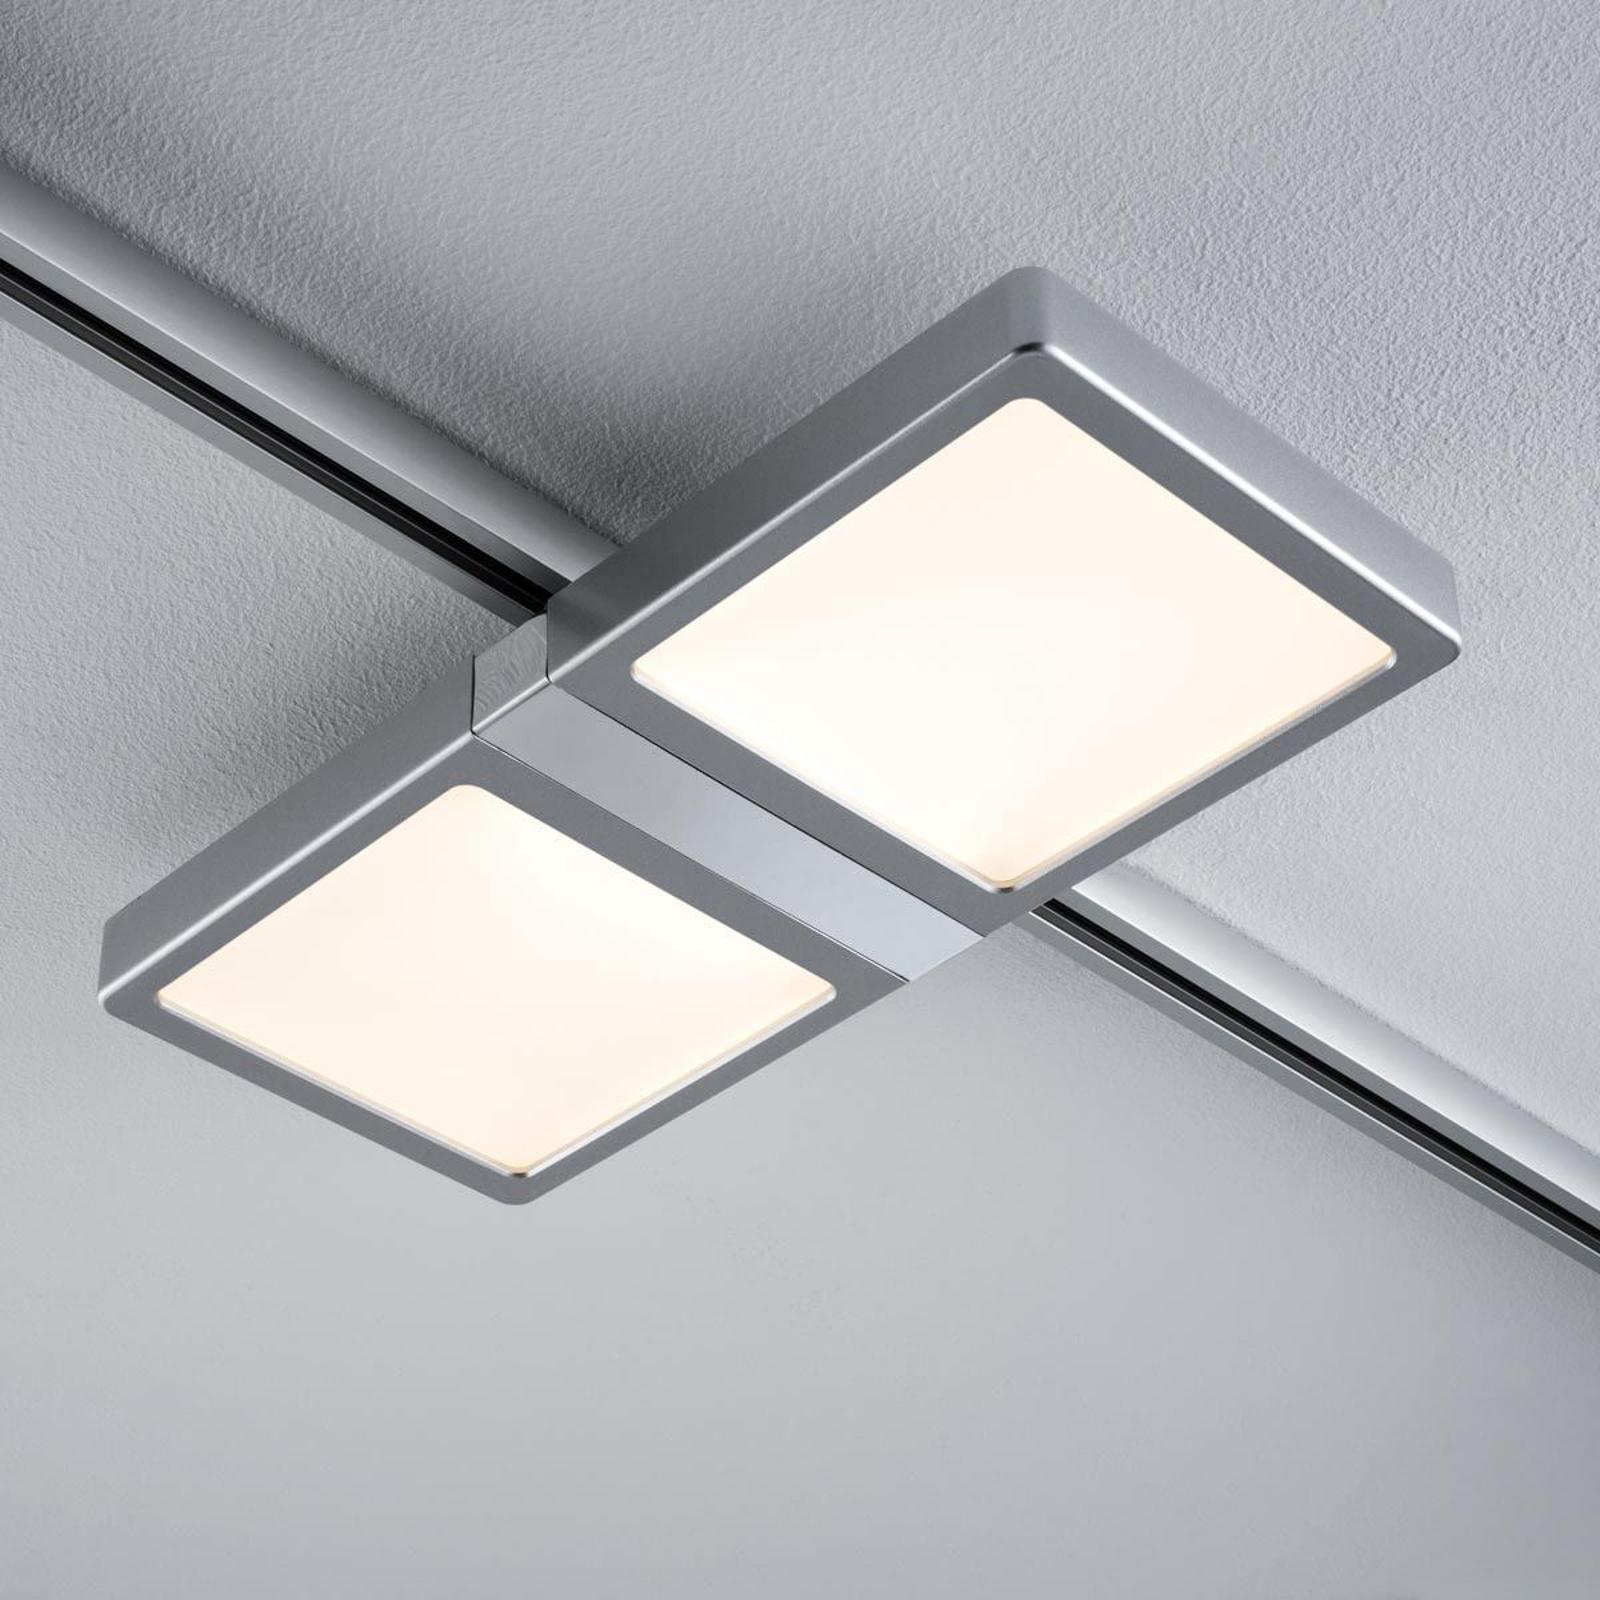 Paulmann URail Double LED-Panel in Chrom matt